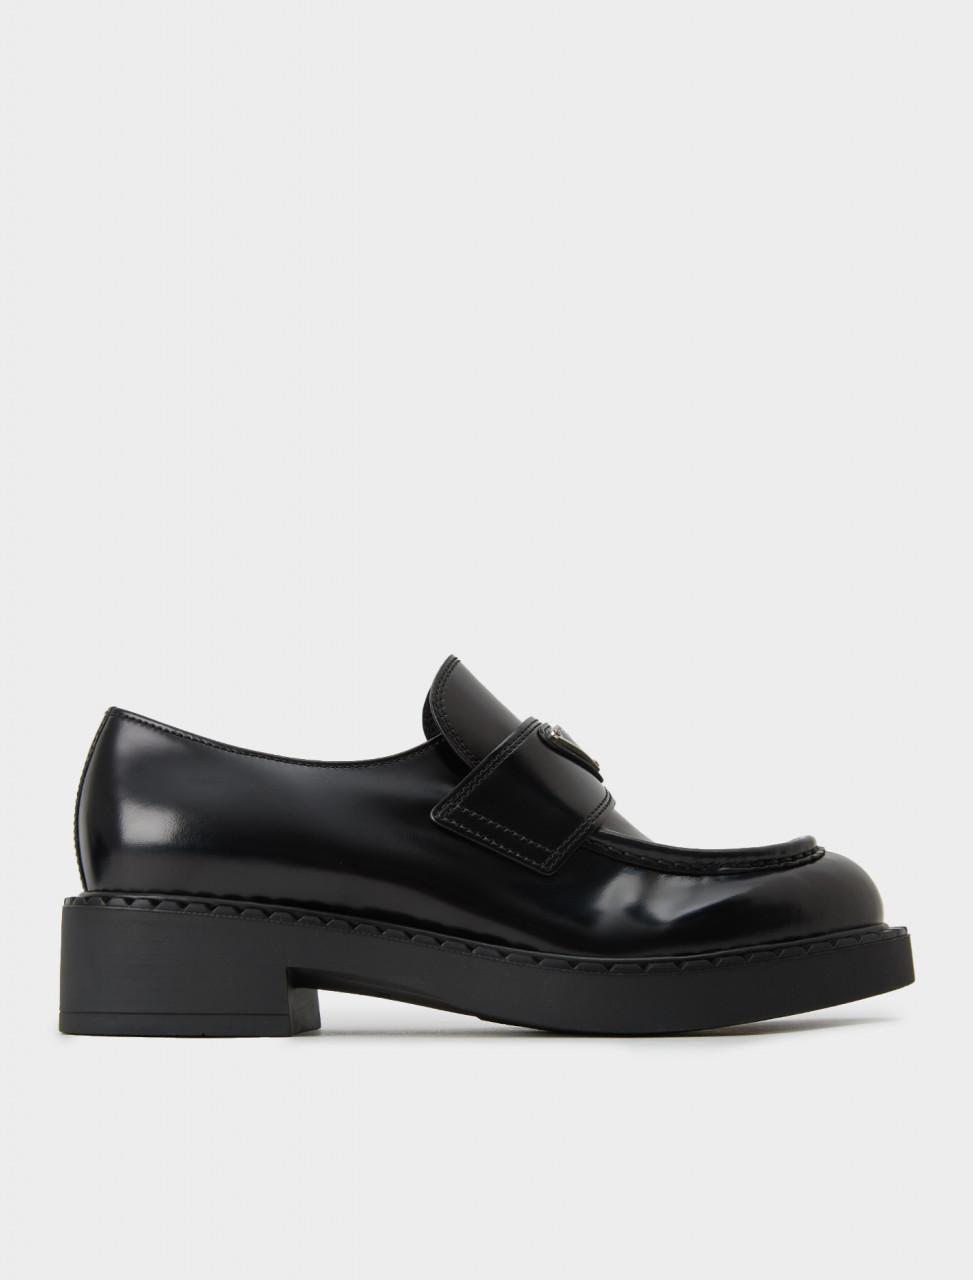 Prada Penny Loafer in Black